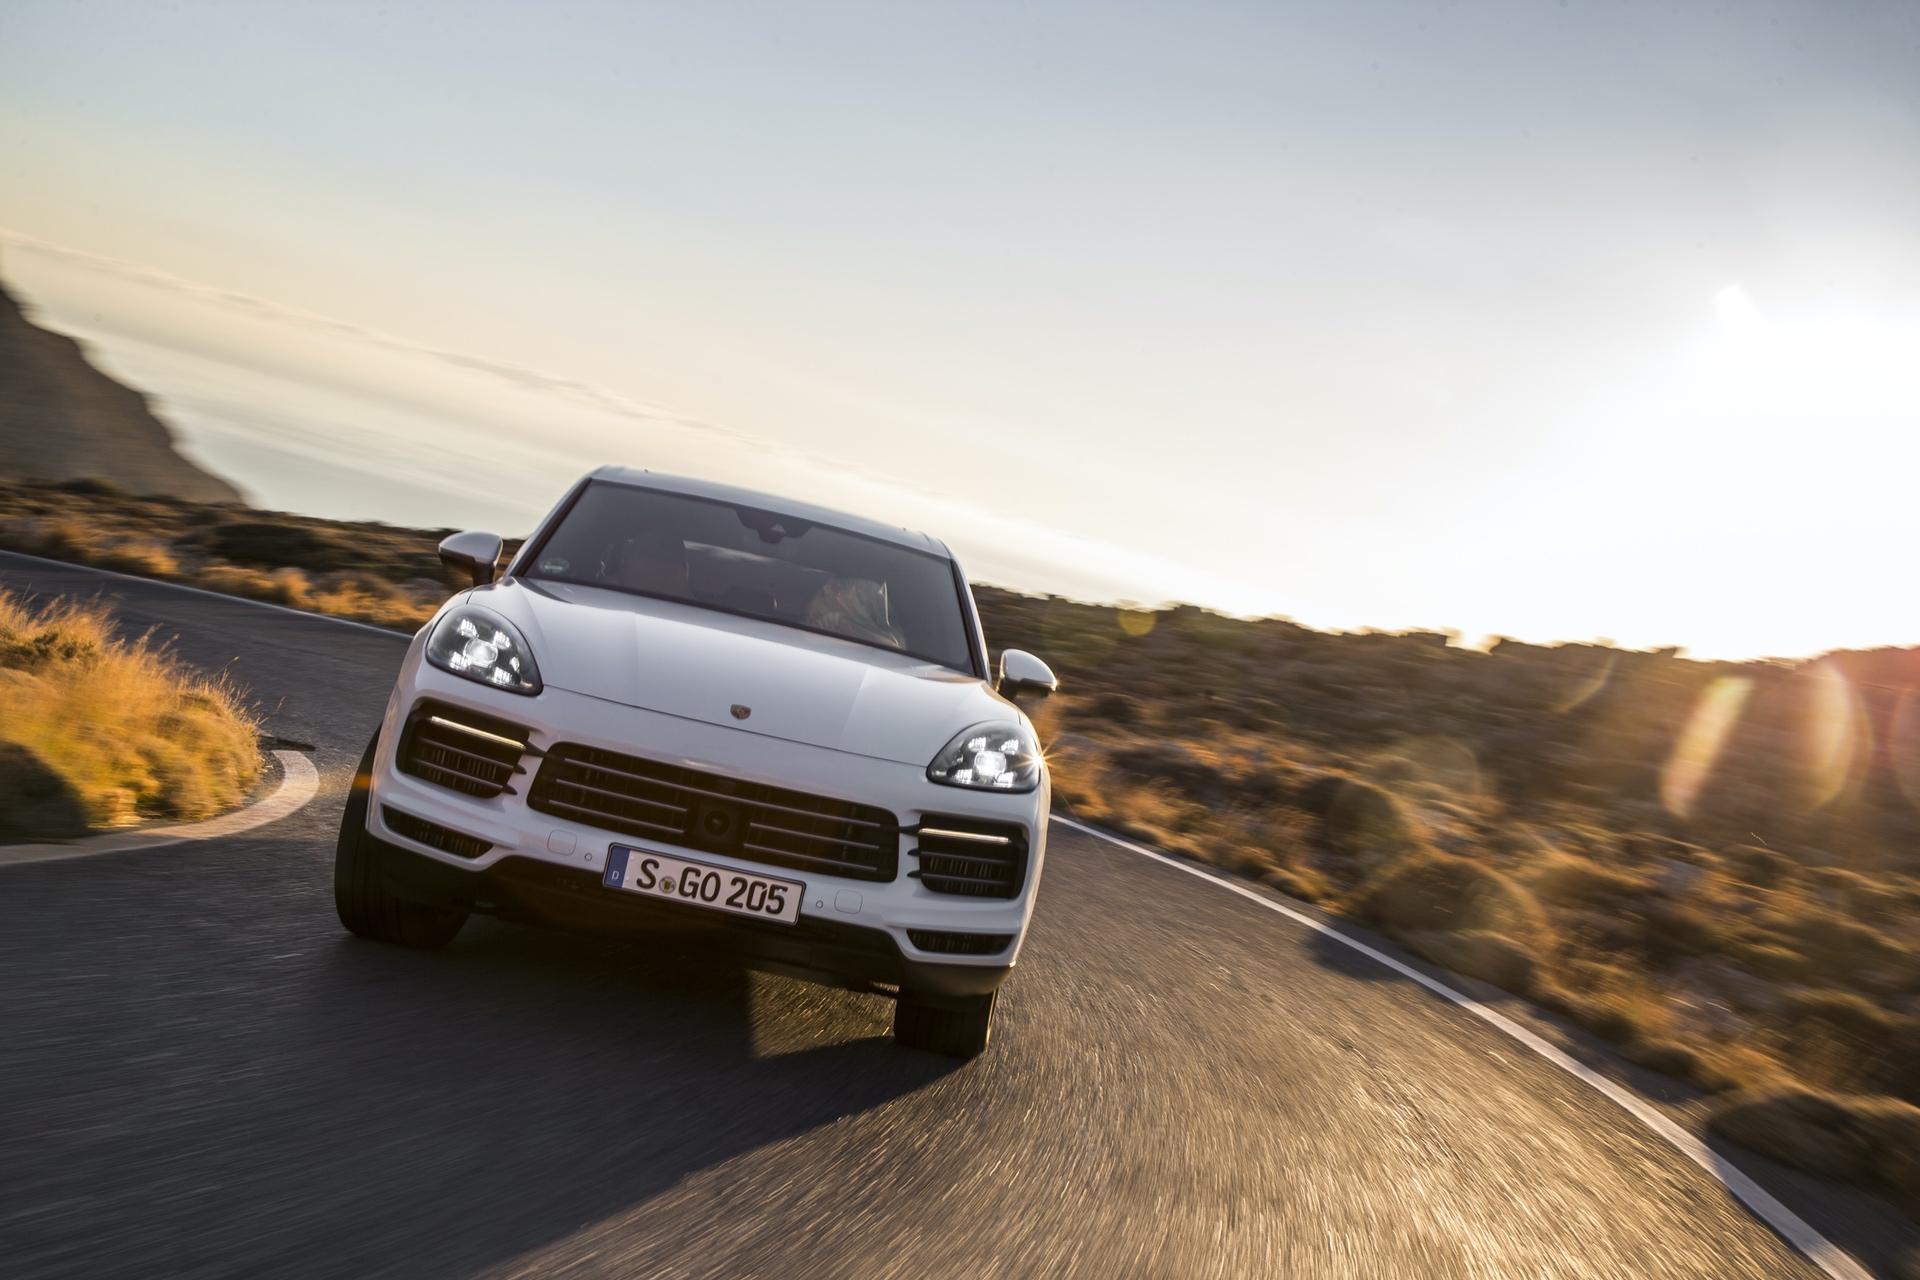 Test_Drive_Porsche_Cayenne_194